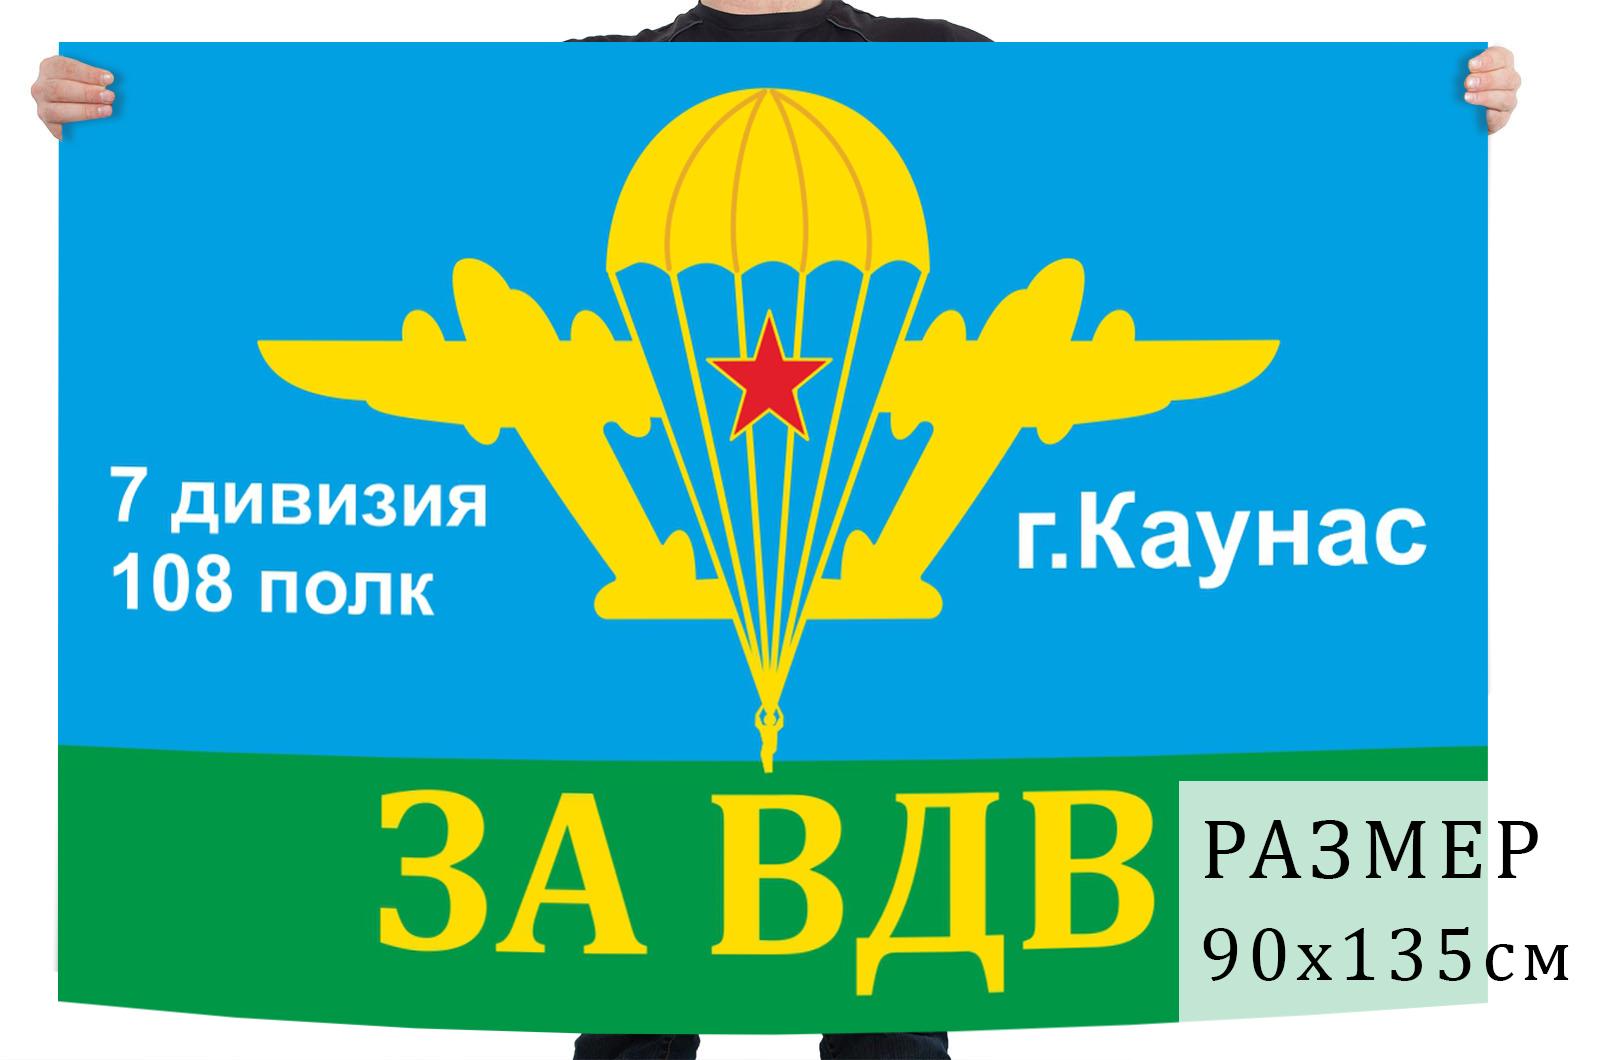 Флаг 108 полк ВДВ 7 дивизия